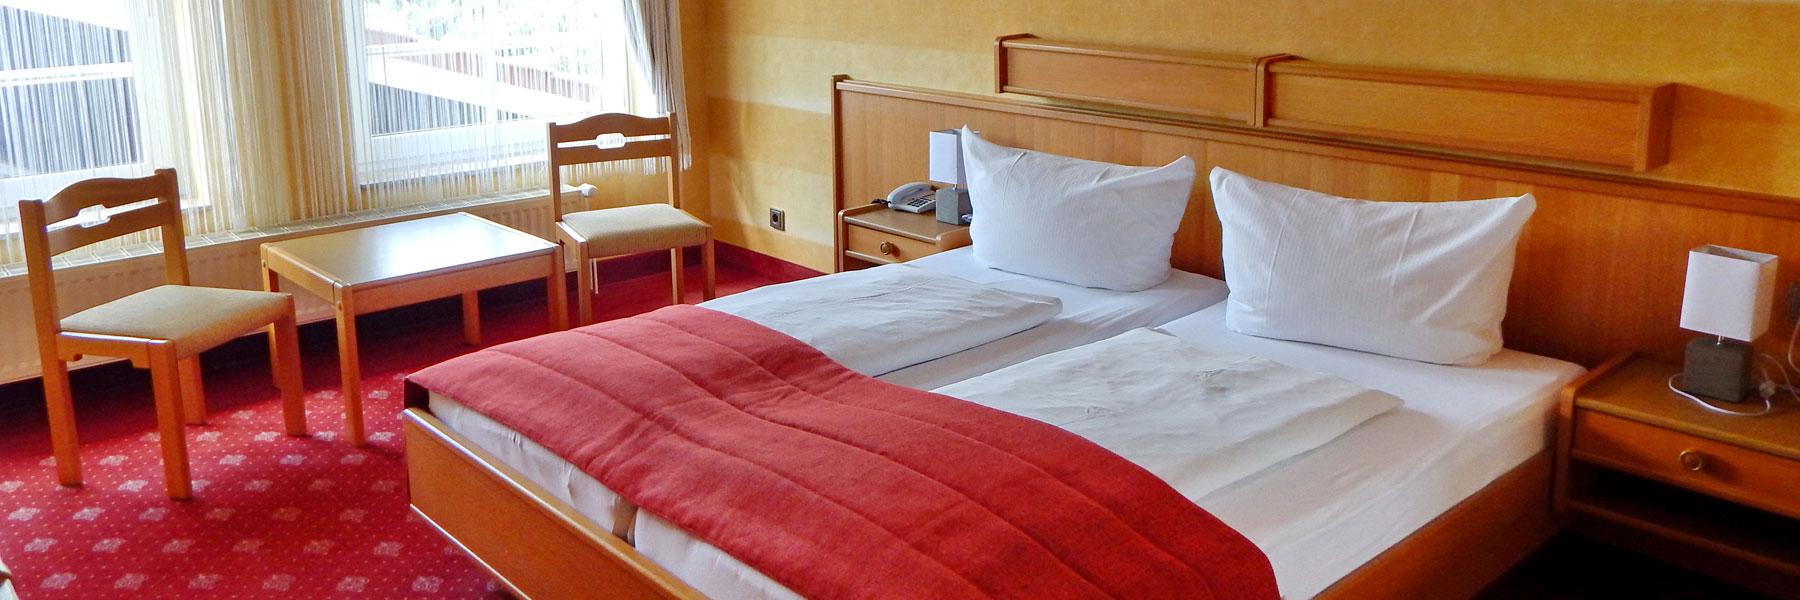 Doppelzimmer - Hotel Eleganz